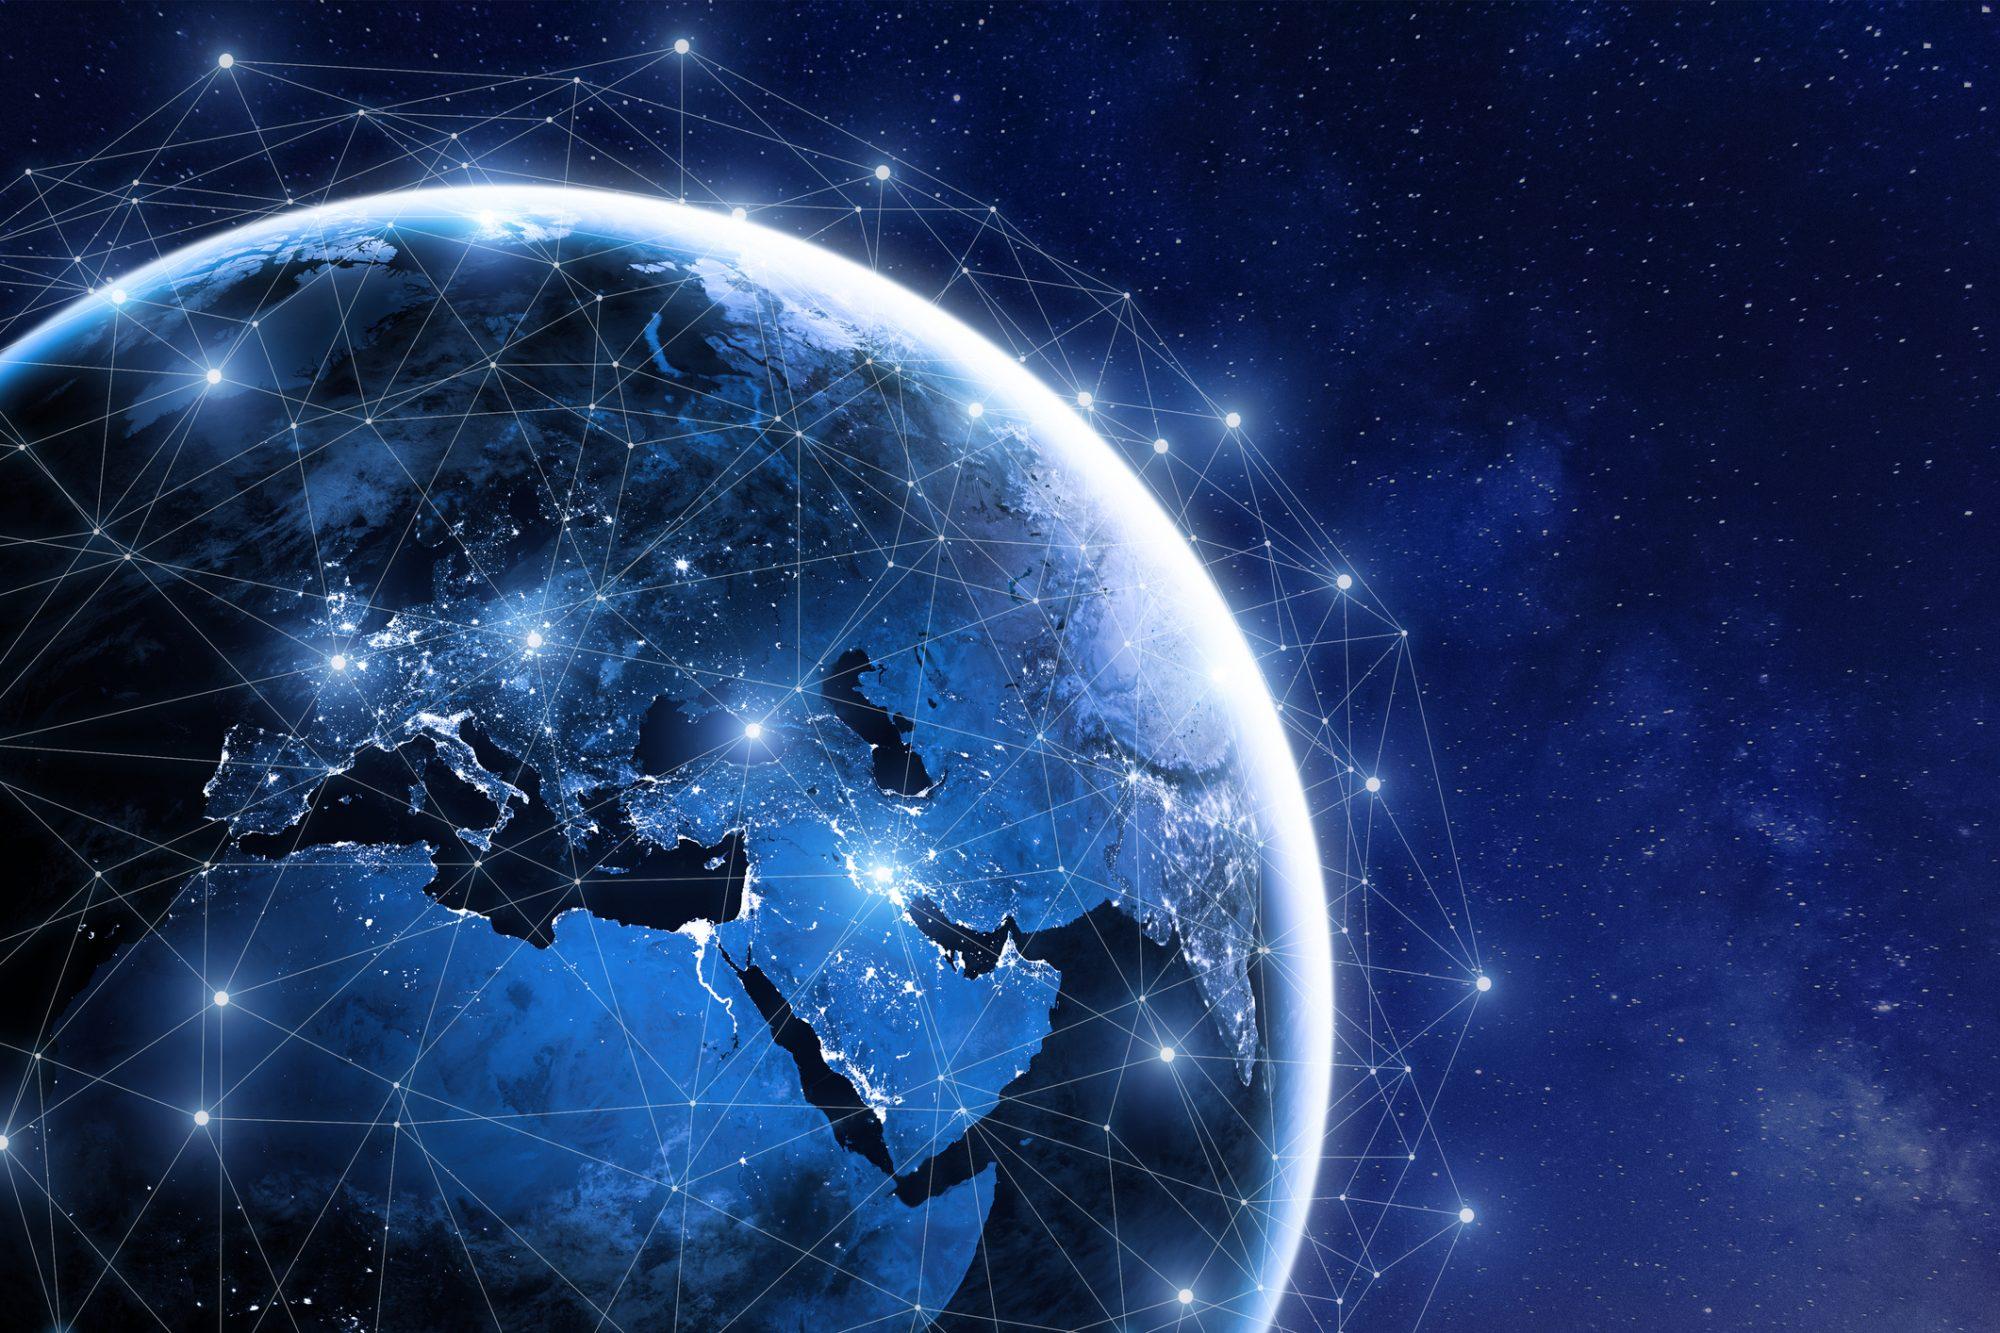 """Globales Netzwerk als Metapher für den Artikel """"Decentralized Finance: Wie können Banken von dezentralisierten Finanzdienstleistungen profitieren?"""""""